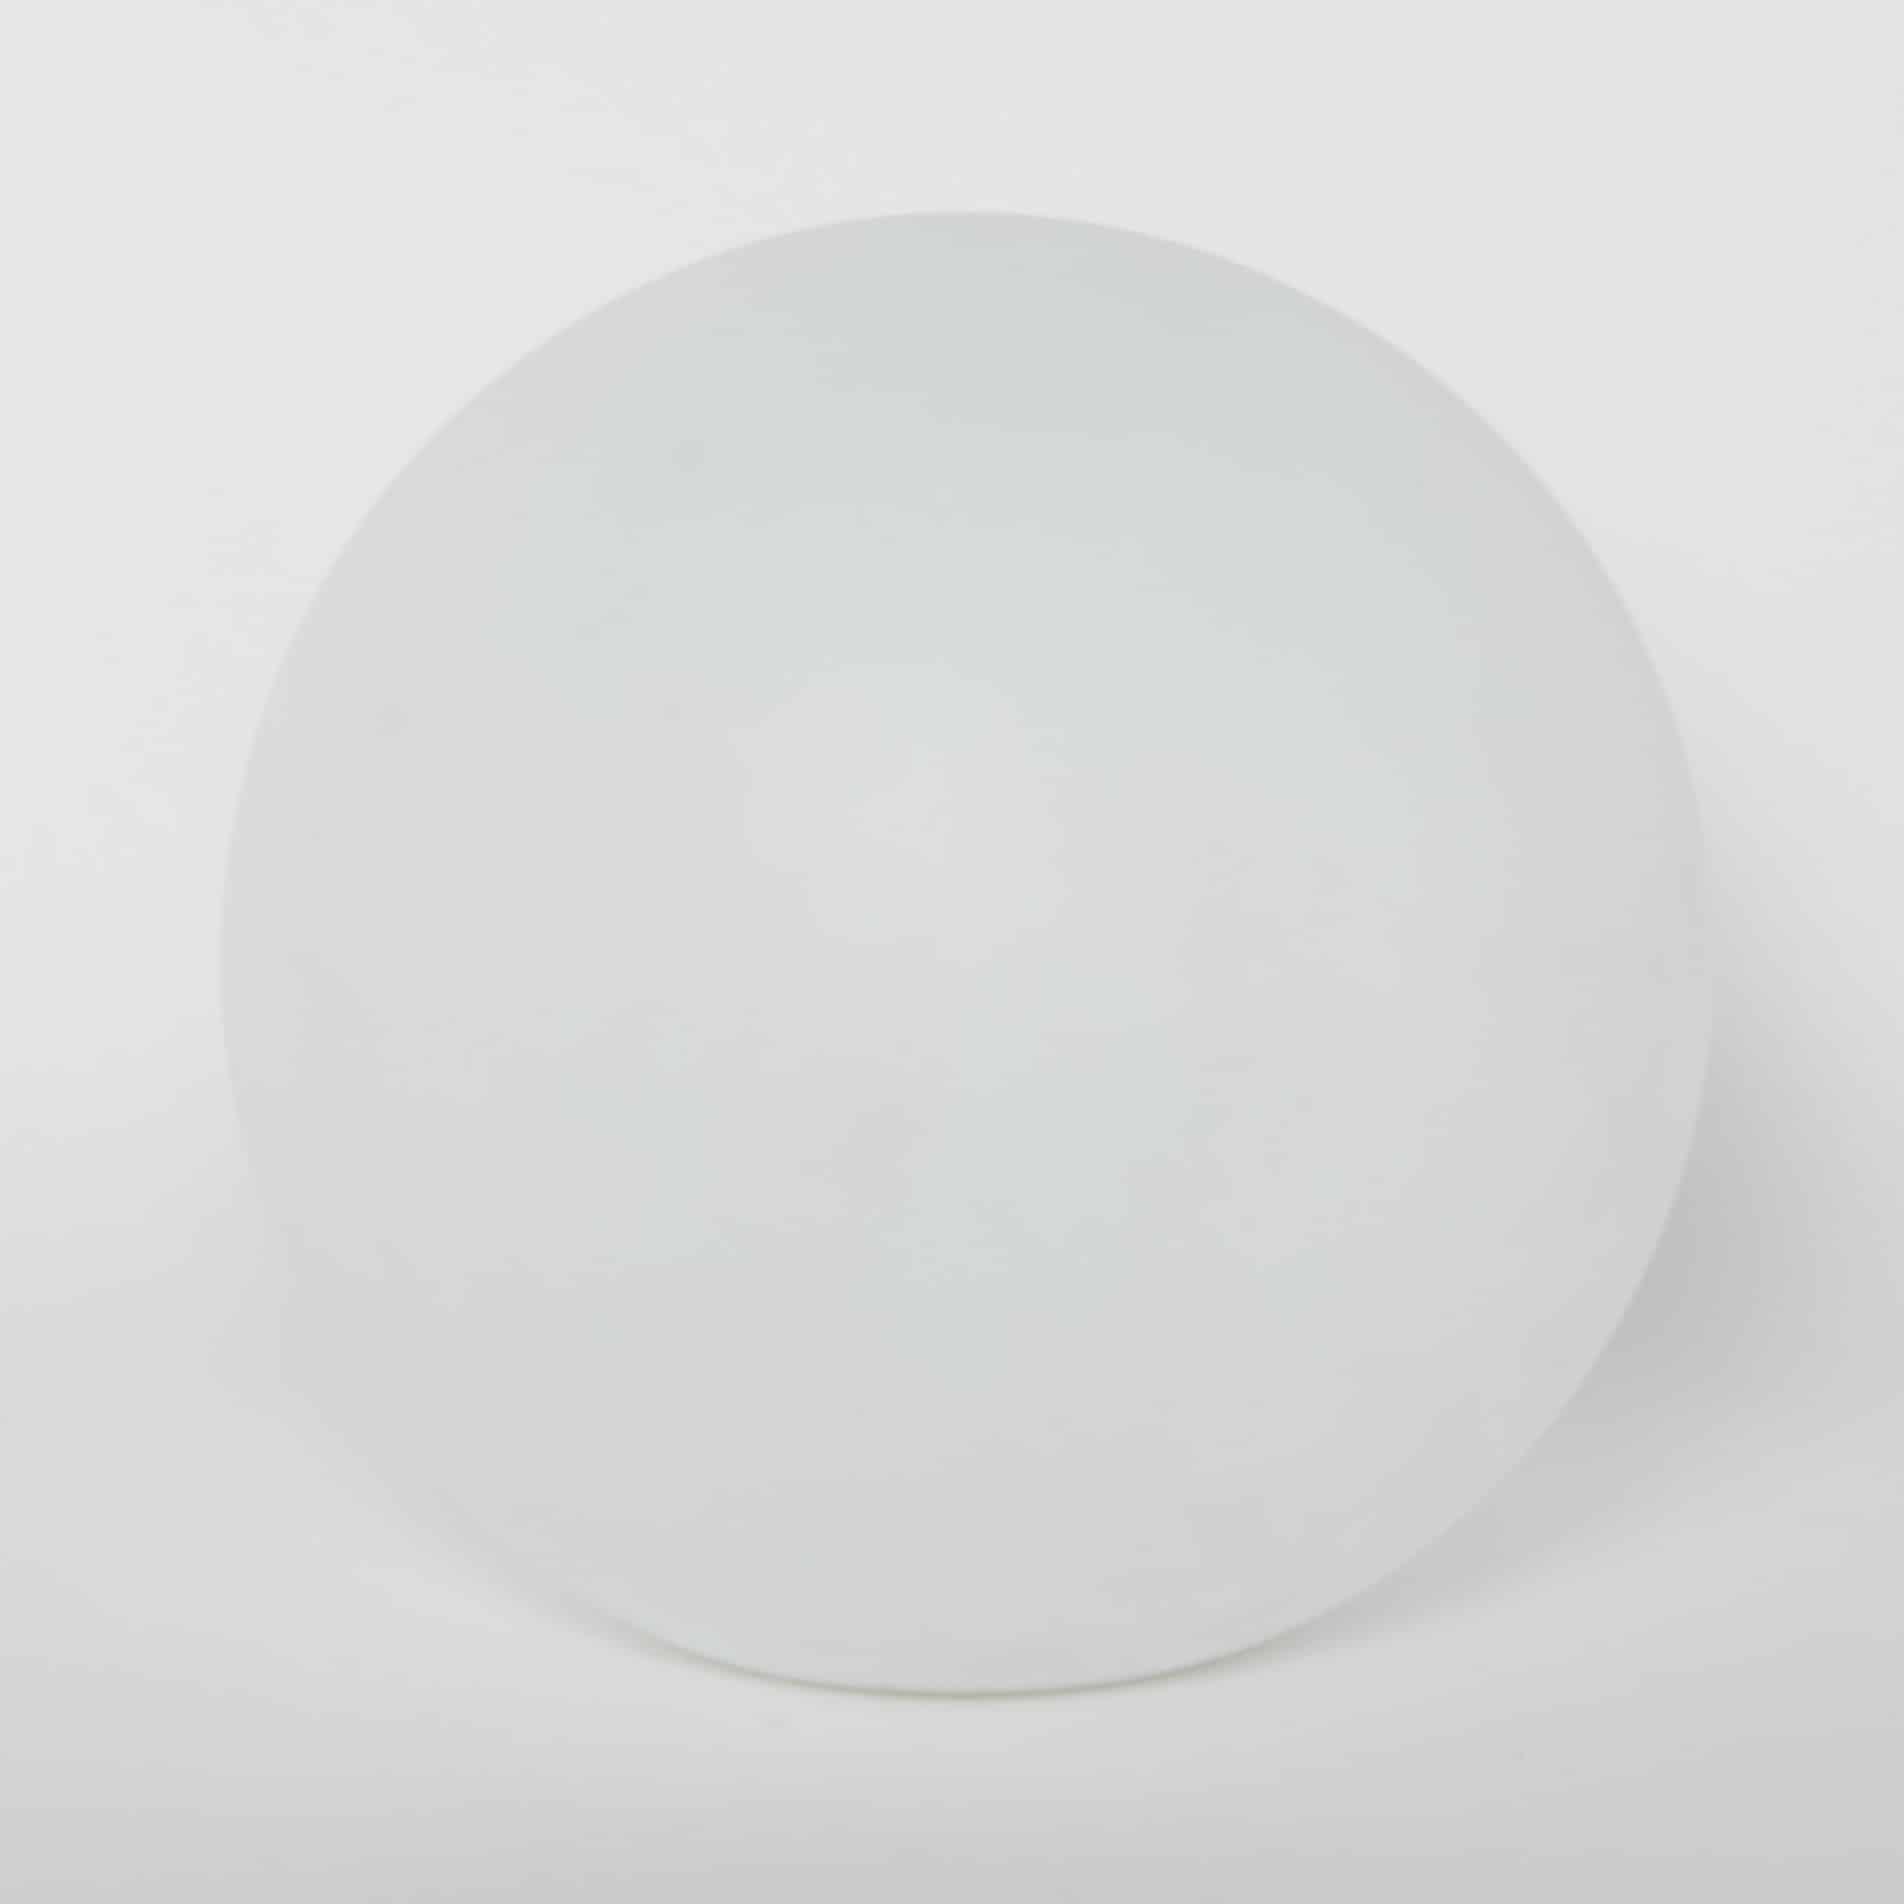 Bollamp 40cm RGBW Oplaadbaar